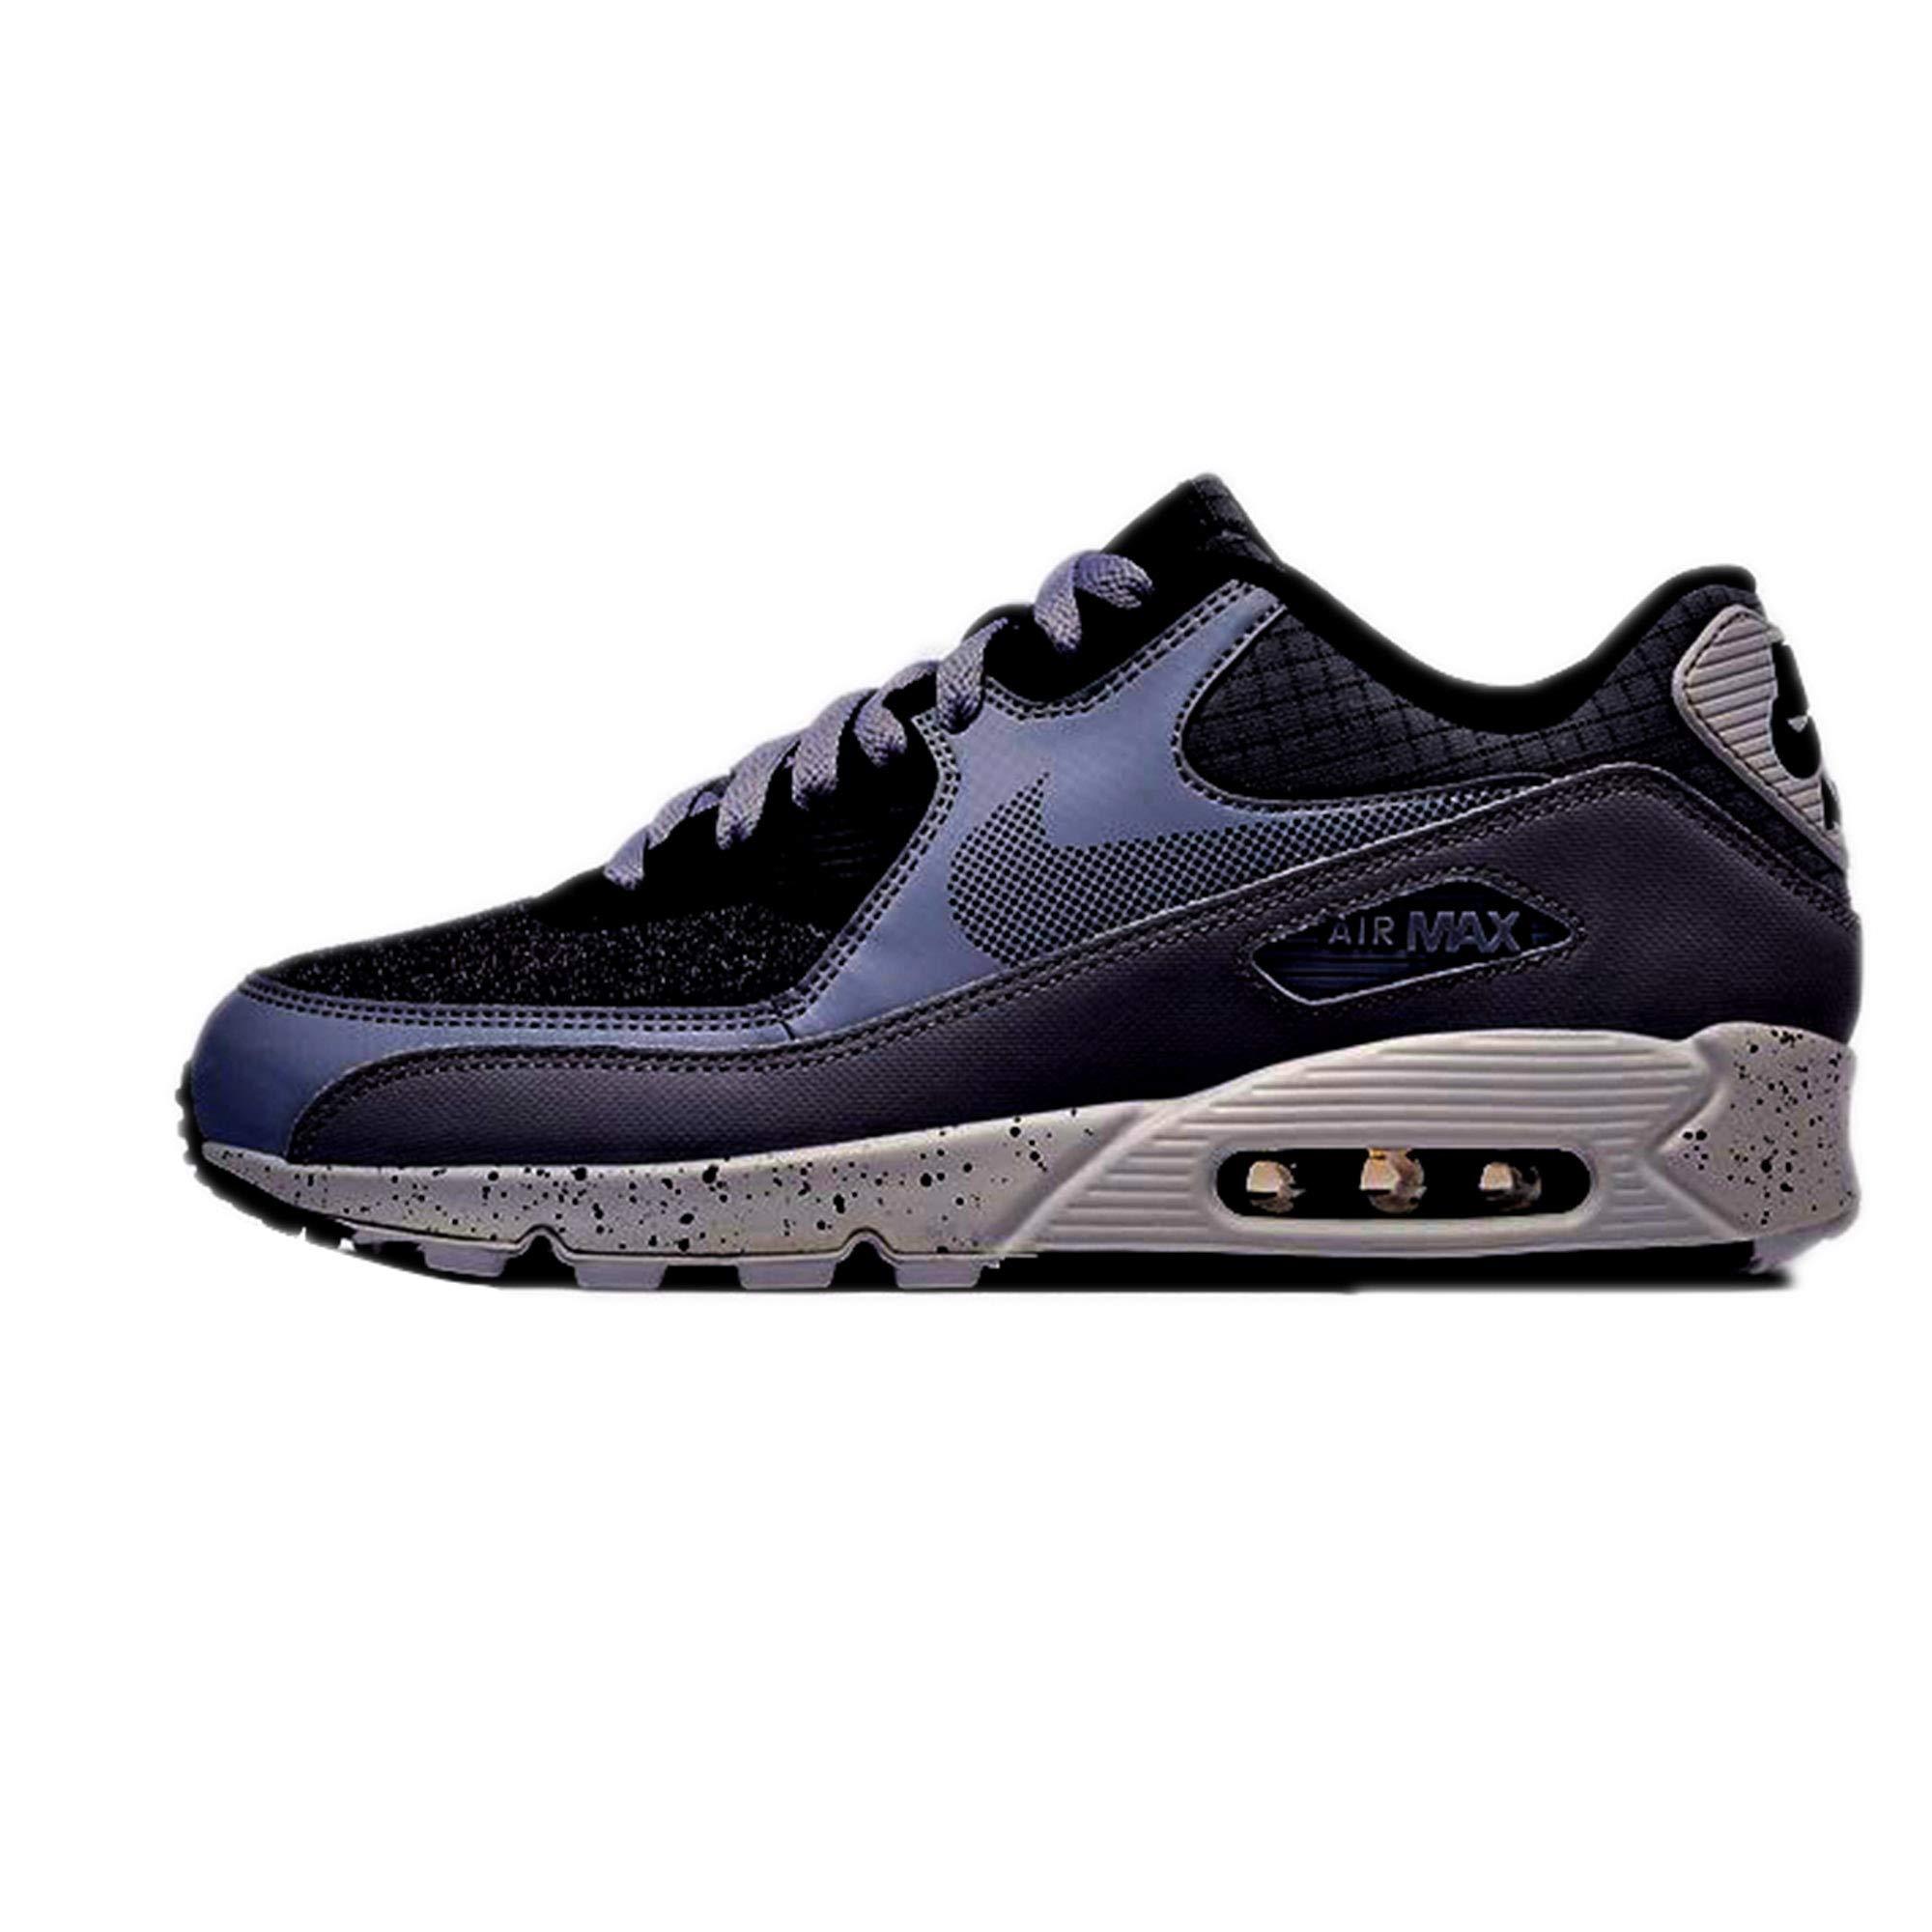 25cc1c4e4d Galleon - Nike Men's Air Max 90 Premium Wolf Grey/Dark Grey-Black-Pure  Platinum 700155-016 (Size: 14)